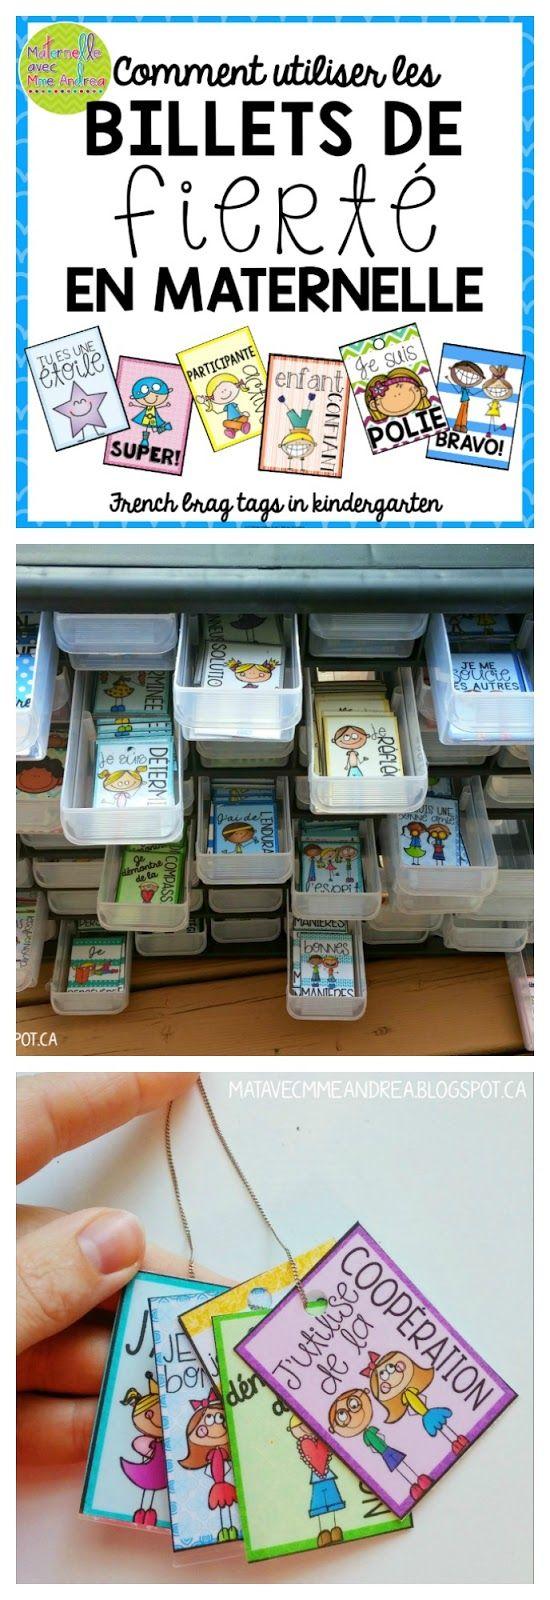 Comment utiliser les billets de fierté (brag tags) en maternelle